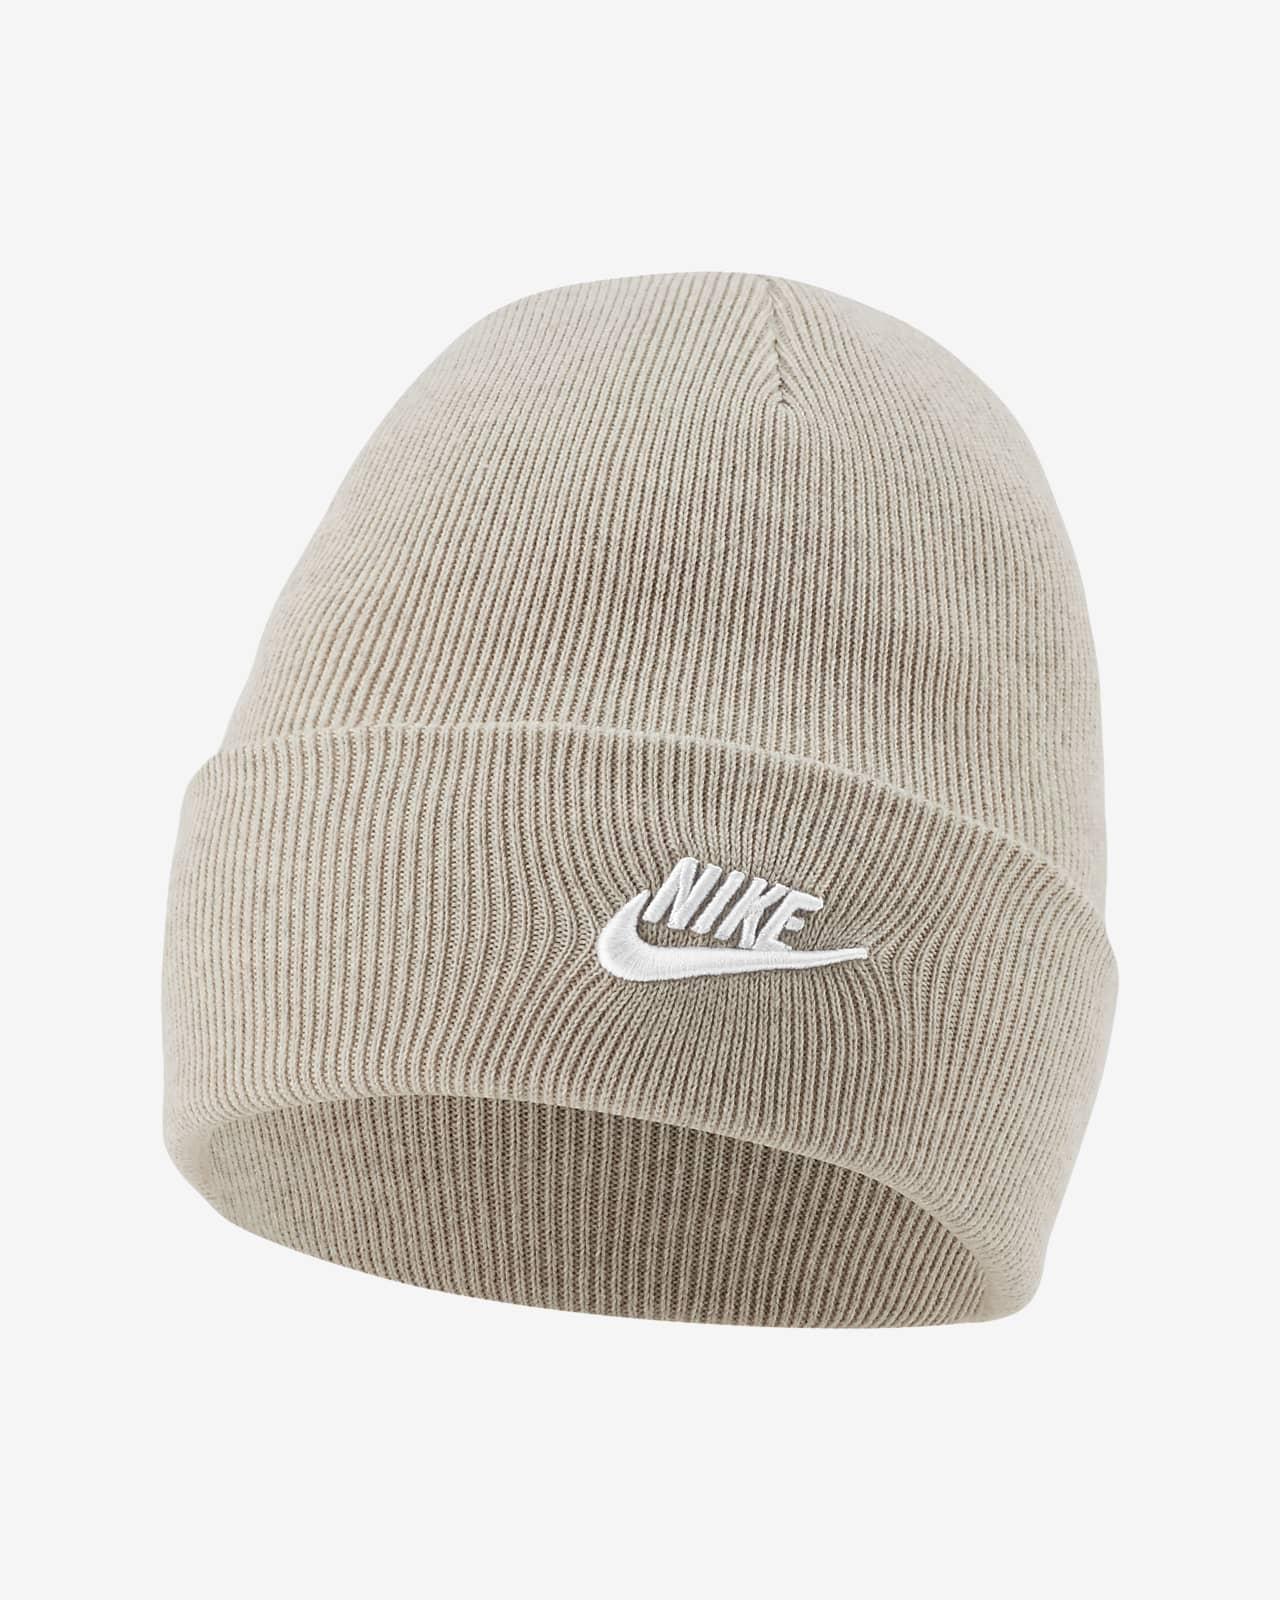 Bonnet Nike Sportswear Utility. Nike LU